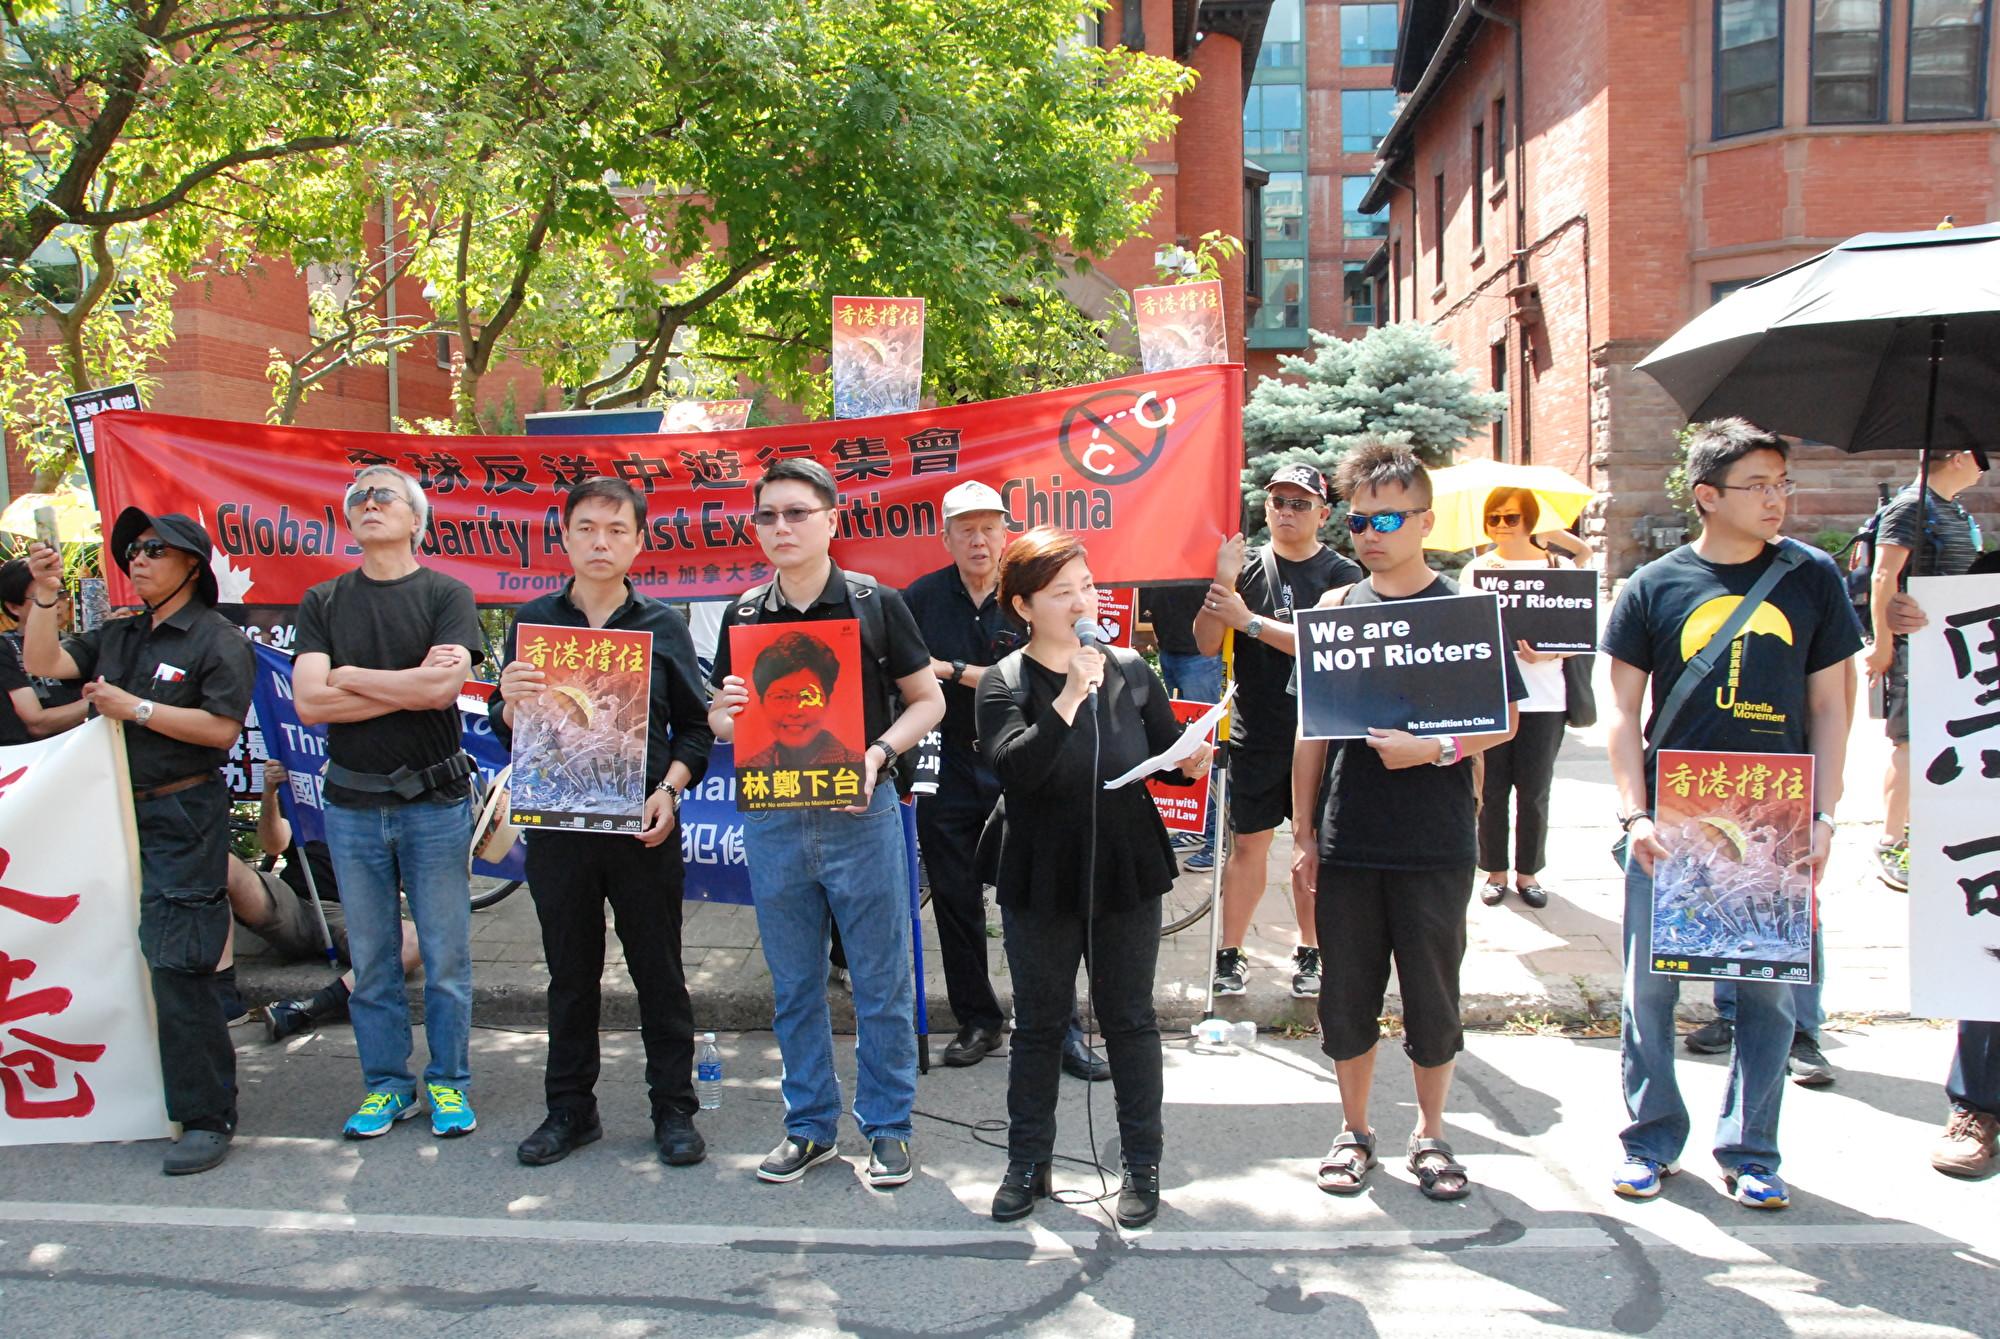 多倫多市港人遊行集會 聲援香港反送中